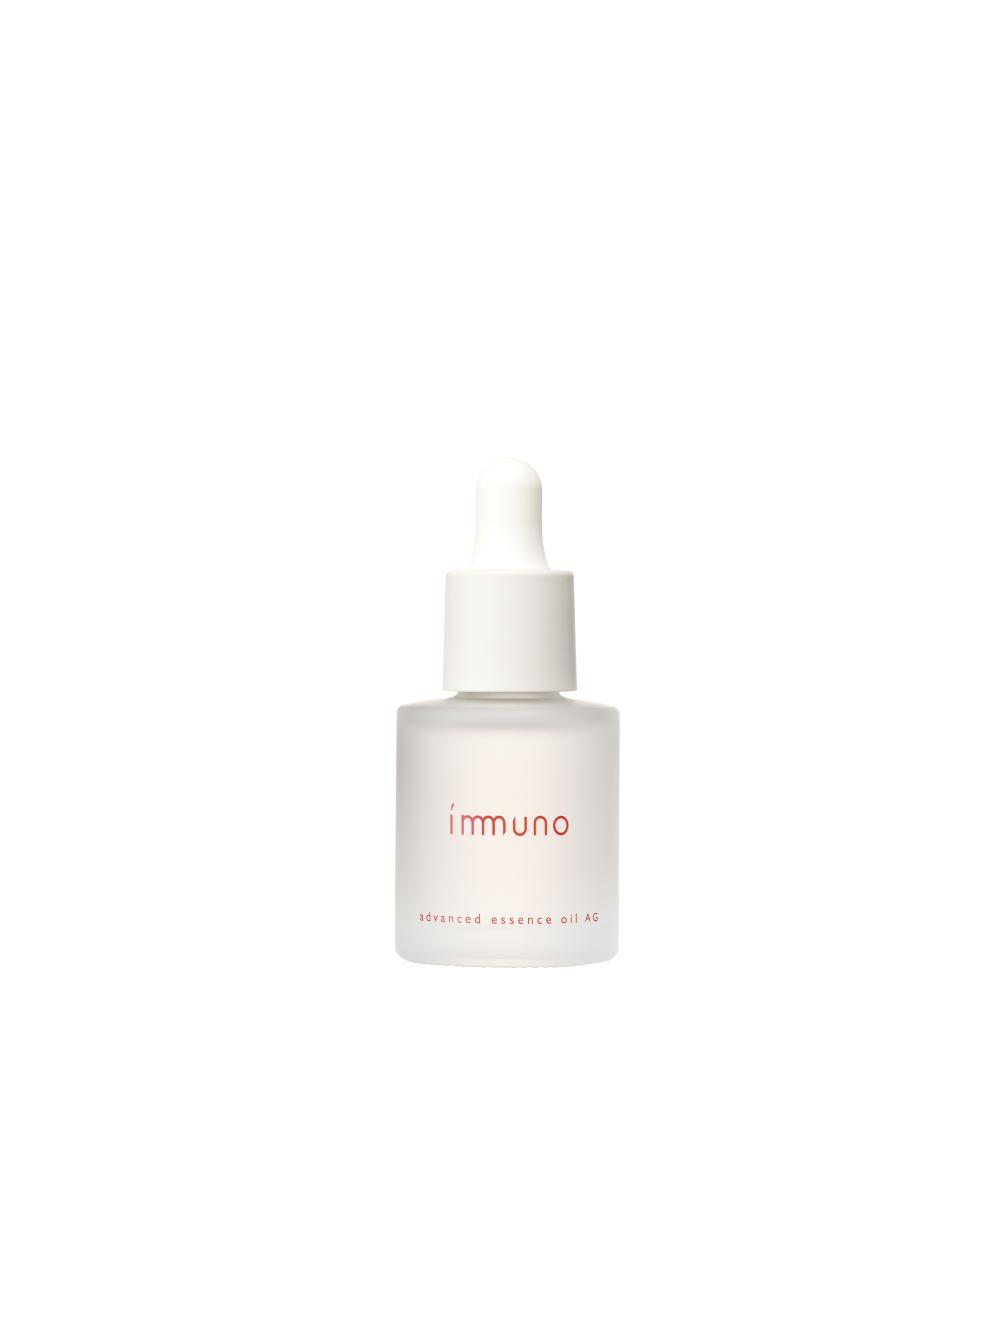 保湿や浸透性を高め、肌にツヤと弾力を導く先行型オイル美容液。 immuno アドバンスド エッセンスオイル AG  30mⅬ 6,500円(税別)